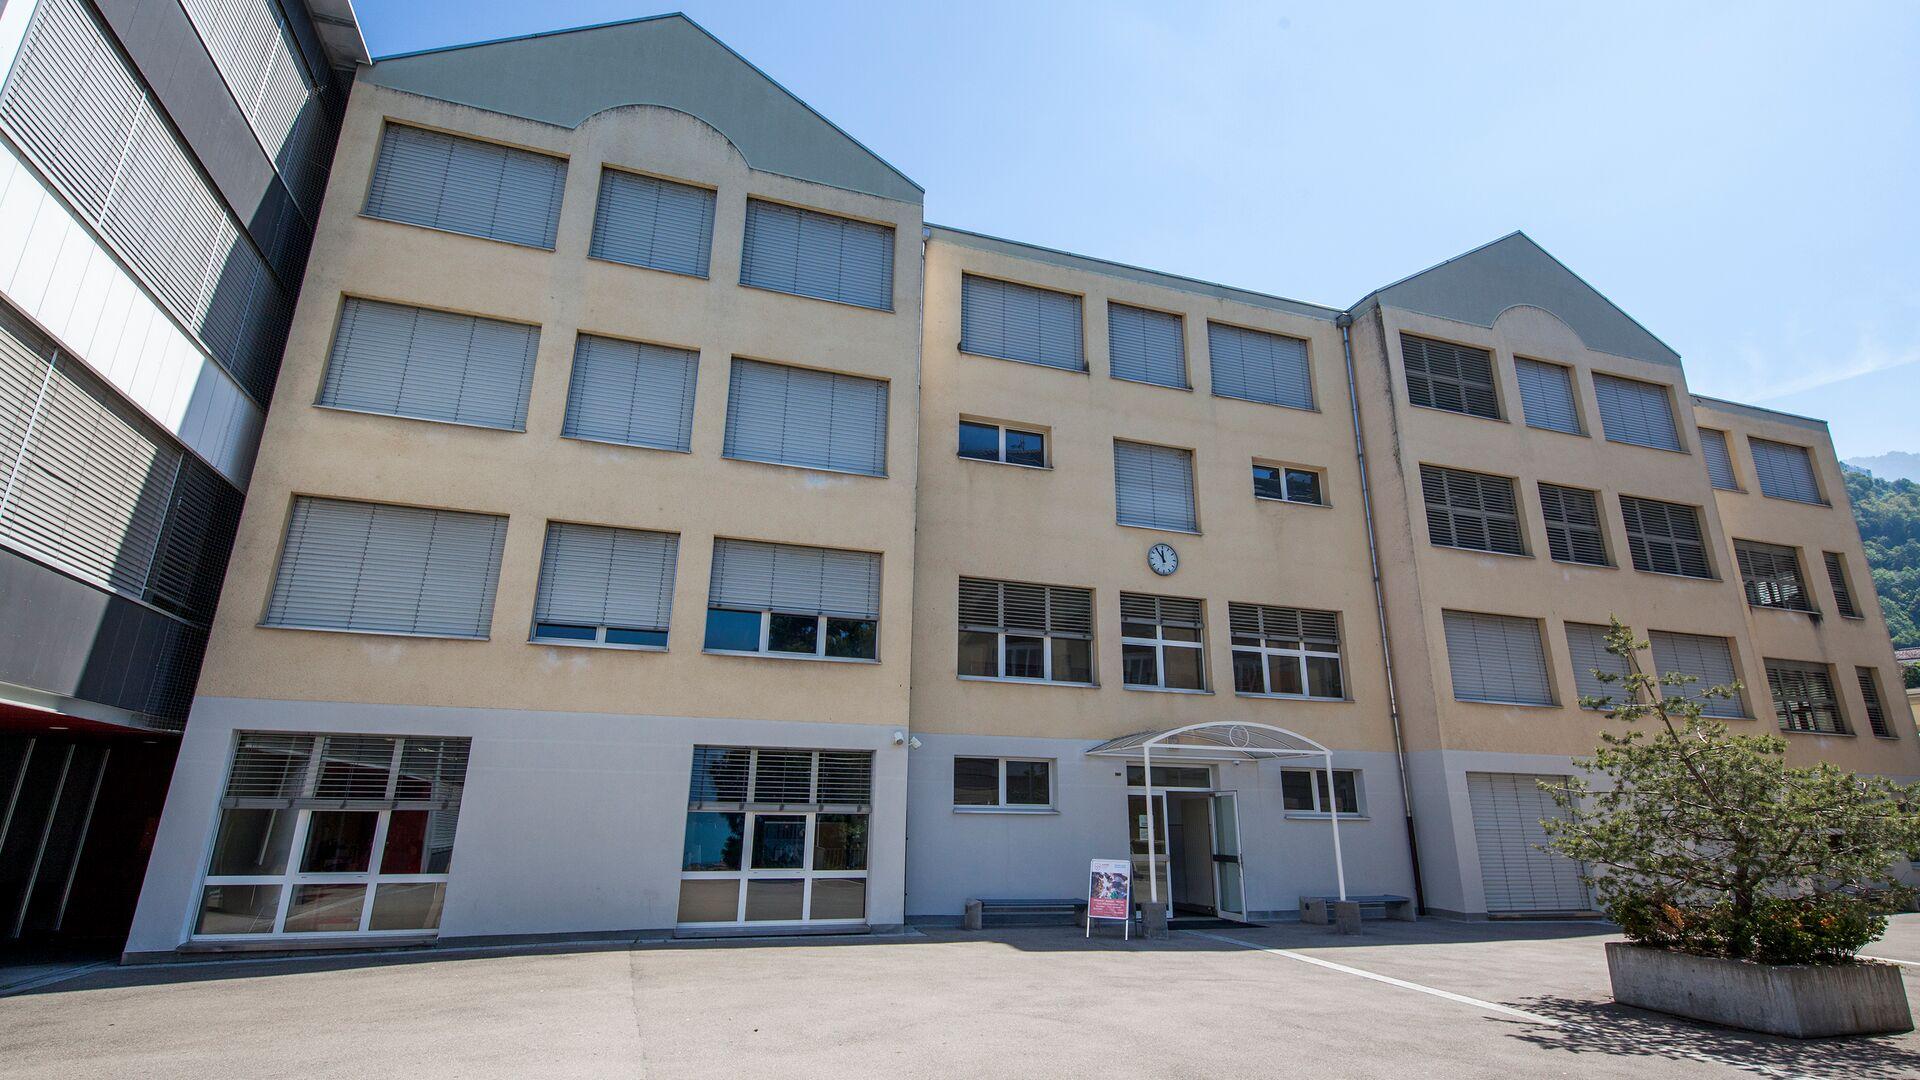 Séjour linguistique Suisse, Montreux - Alpadia Language School Montreux Riviera - École